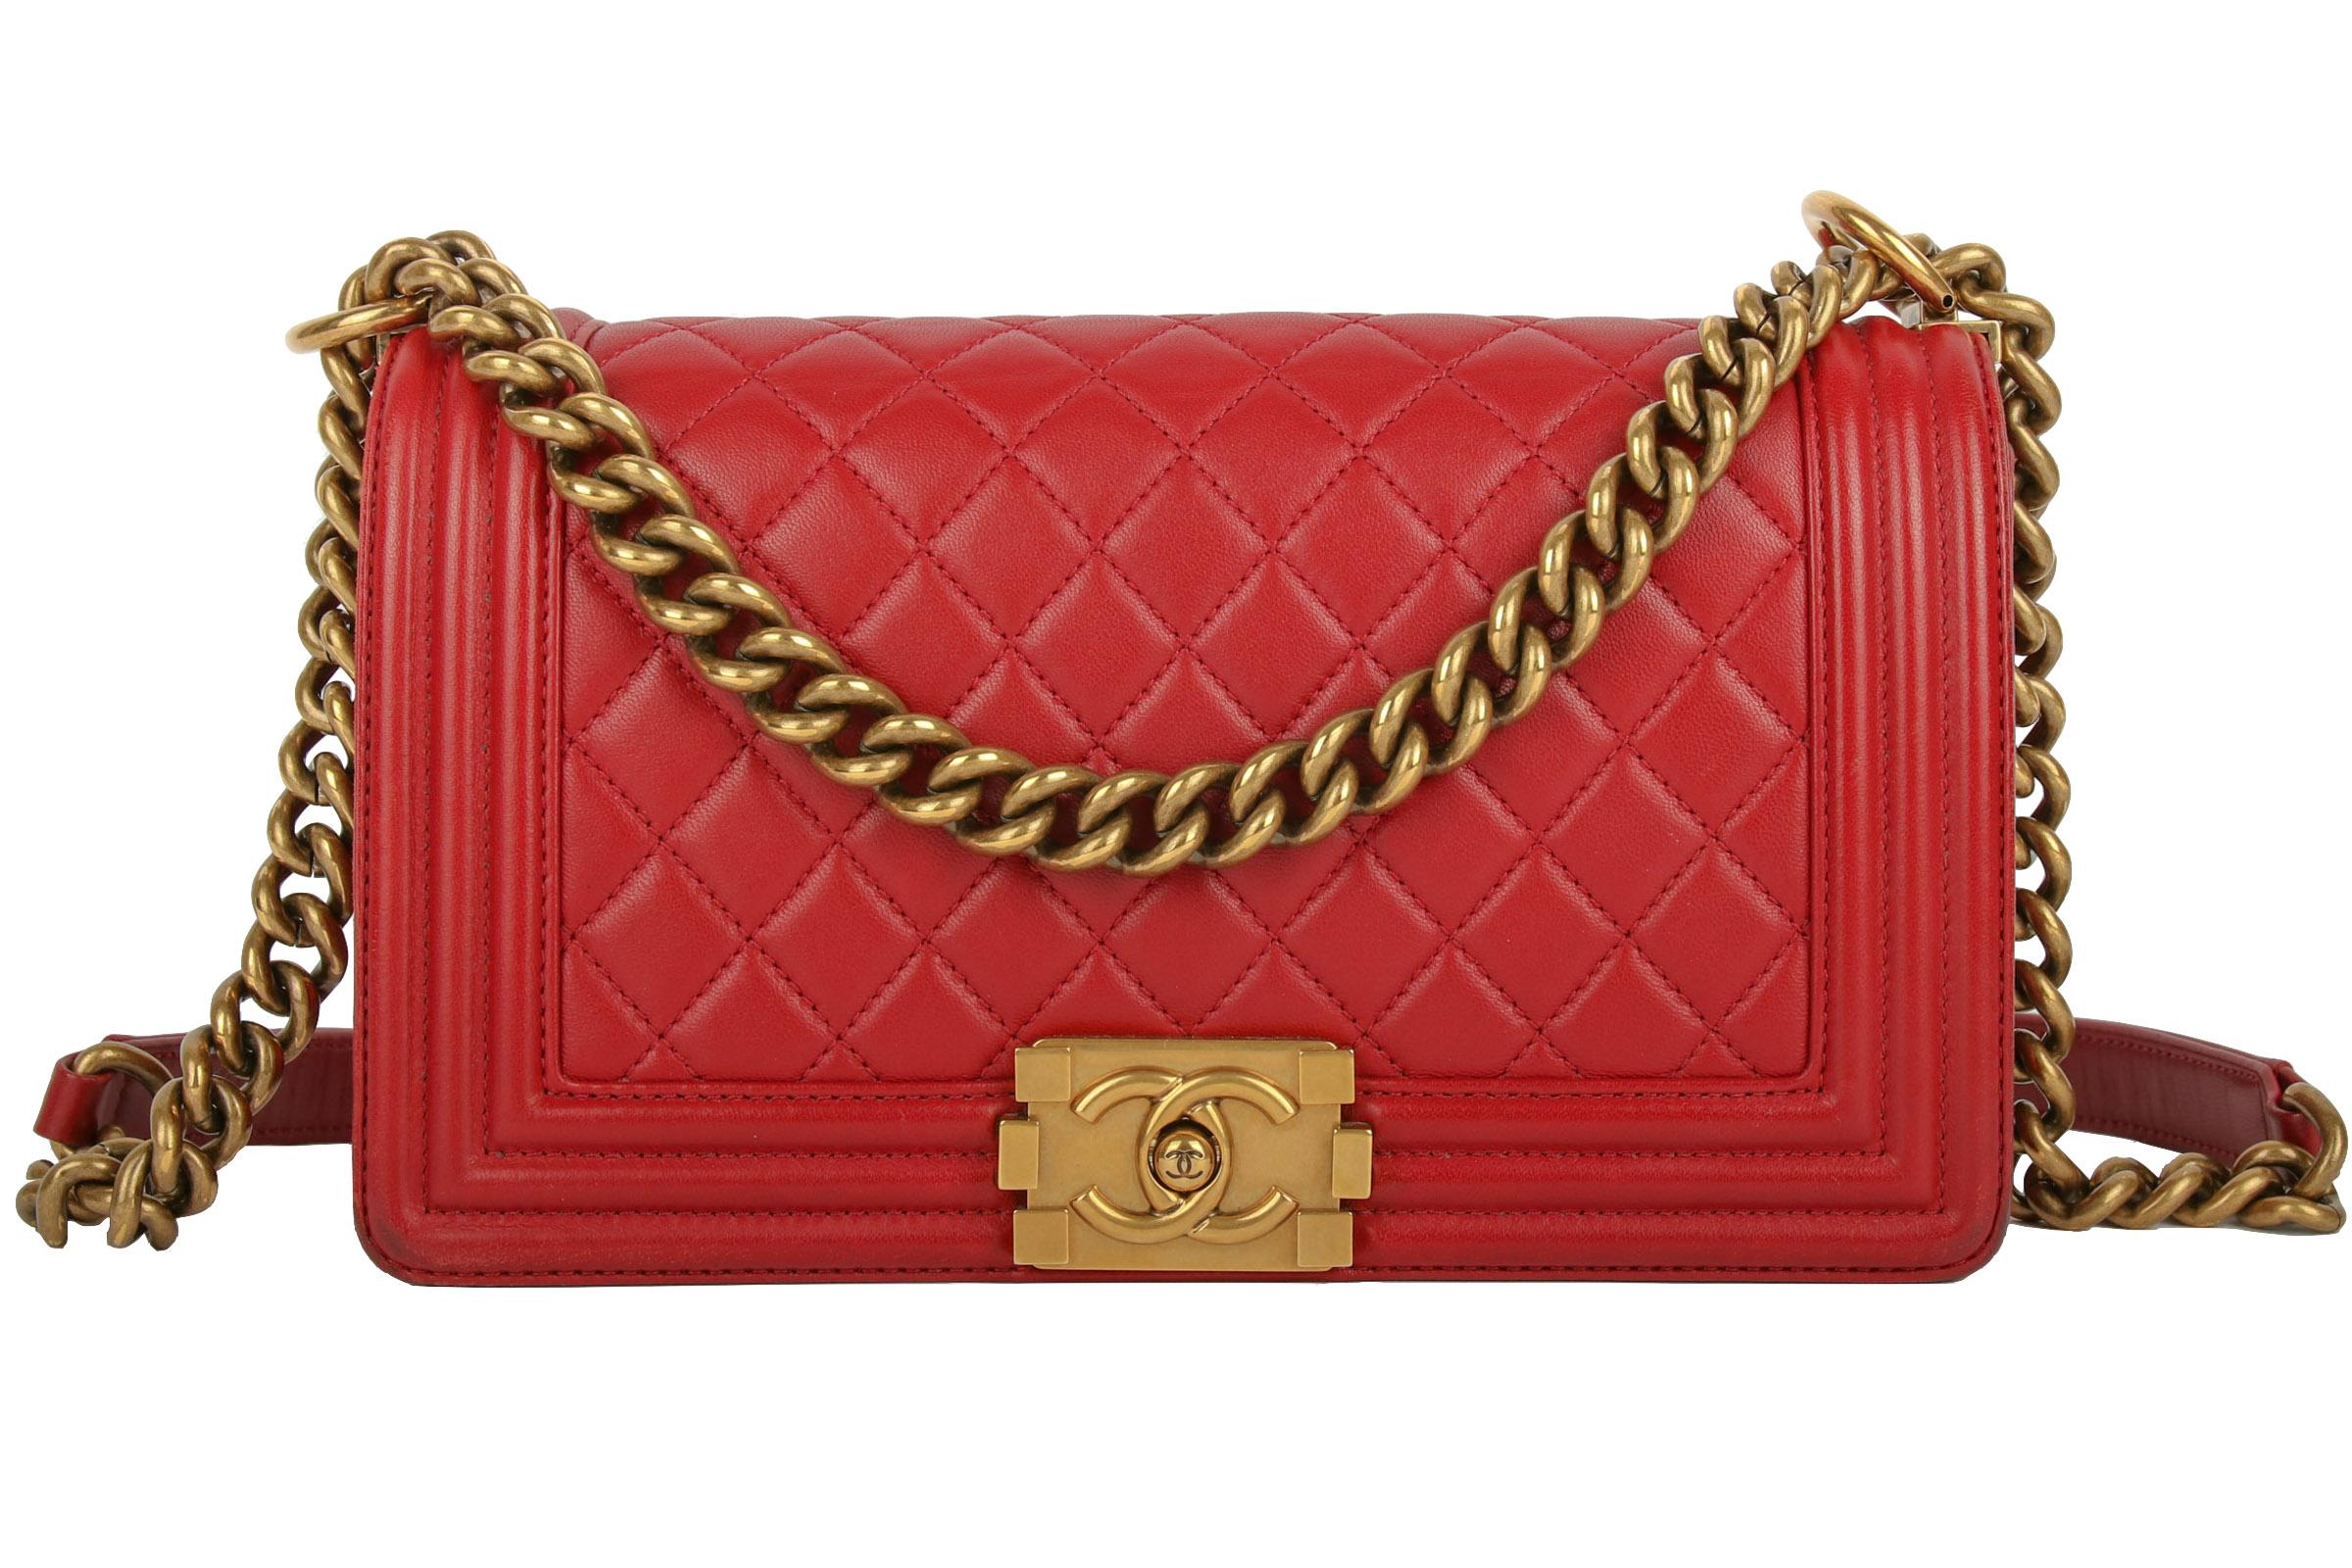 74d74f459 Chanel Boy Bag Small Bordeaux Red | Luxussachen.com